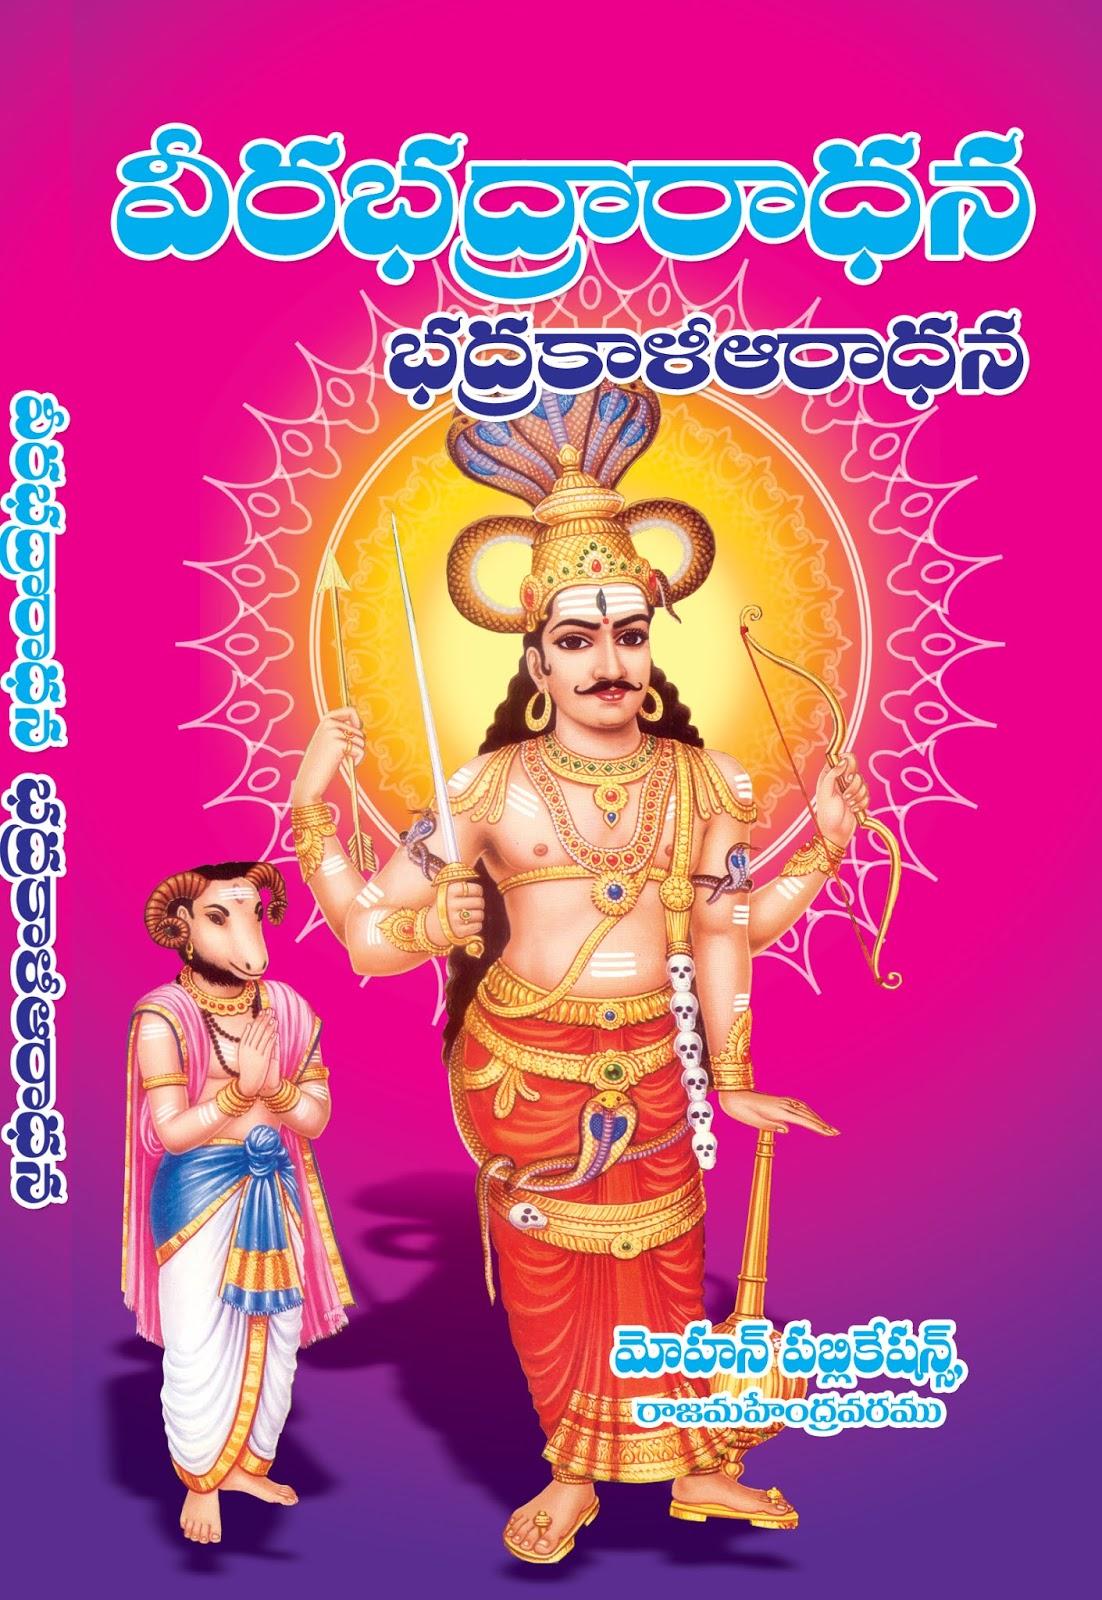 వీరభద్రారాధన | Veerabhadraaradhana